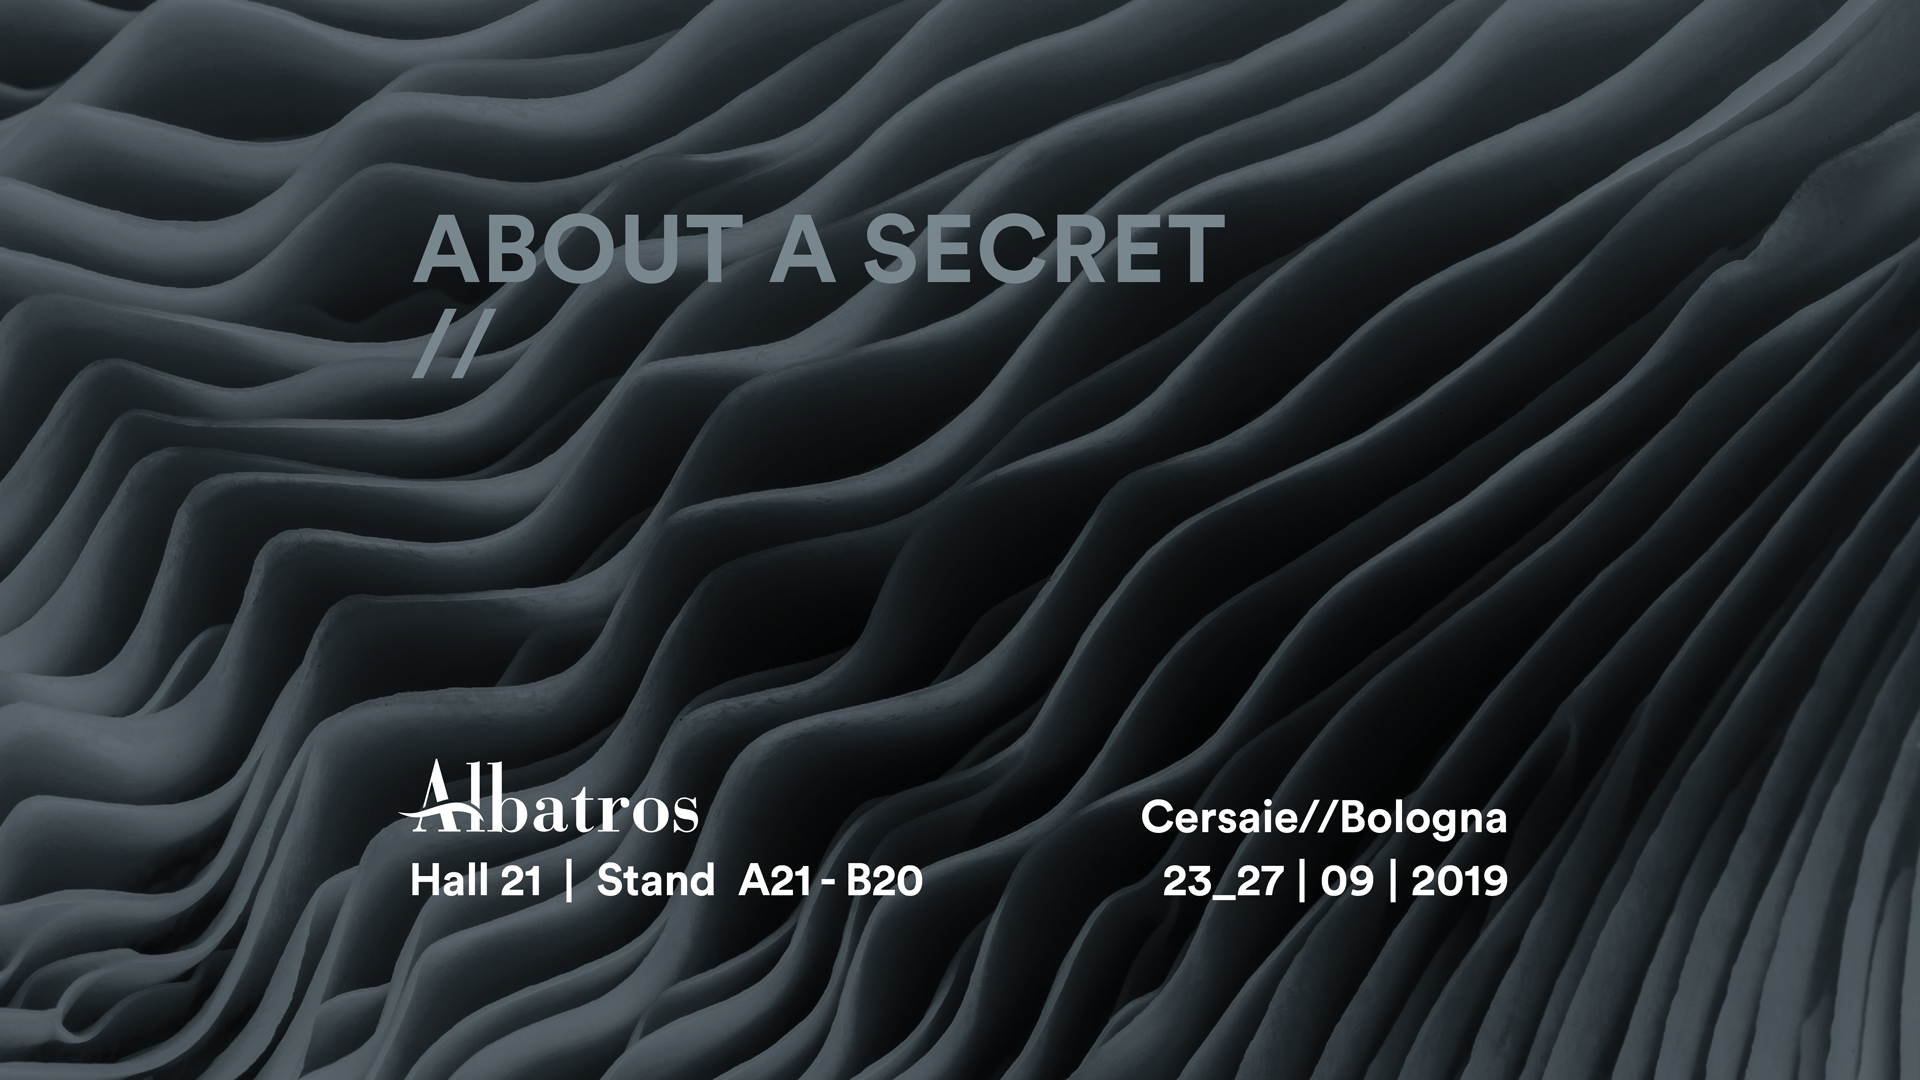 About a secret_Albatros_Cersaie